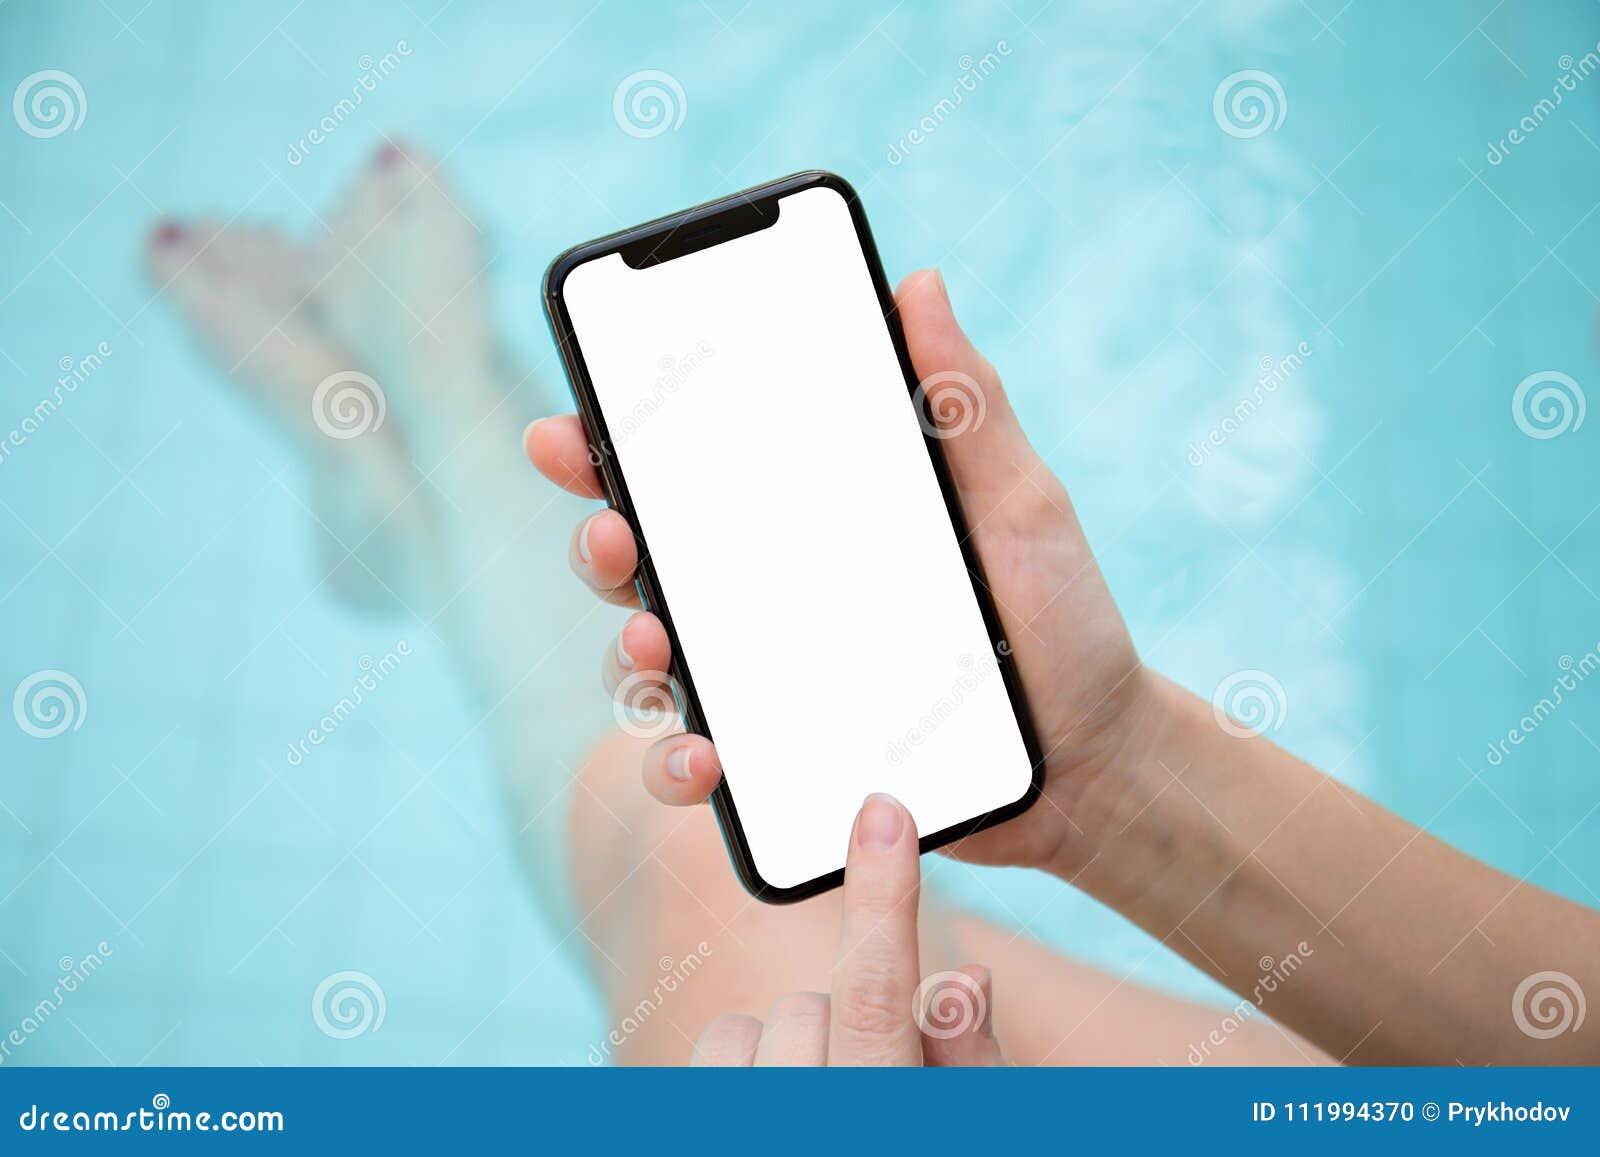 Γυναίκα στο τηλέφωνο εκμετάλλευσης λιμνών με μια απομονωμένη οθόνη